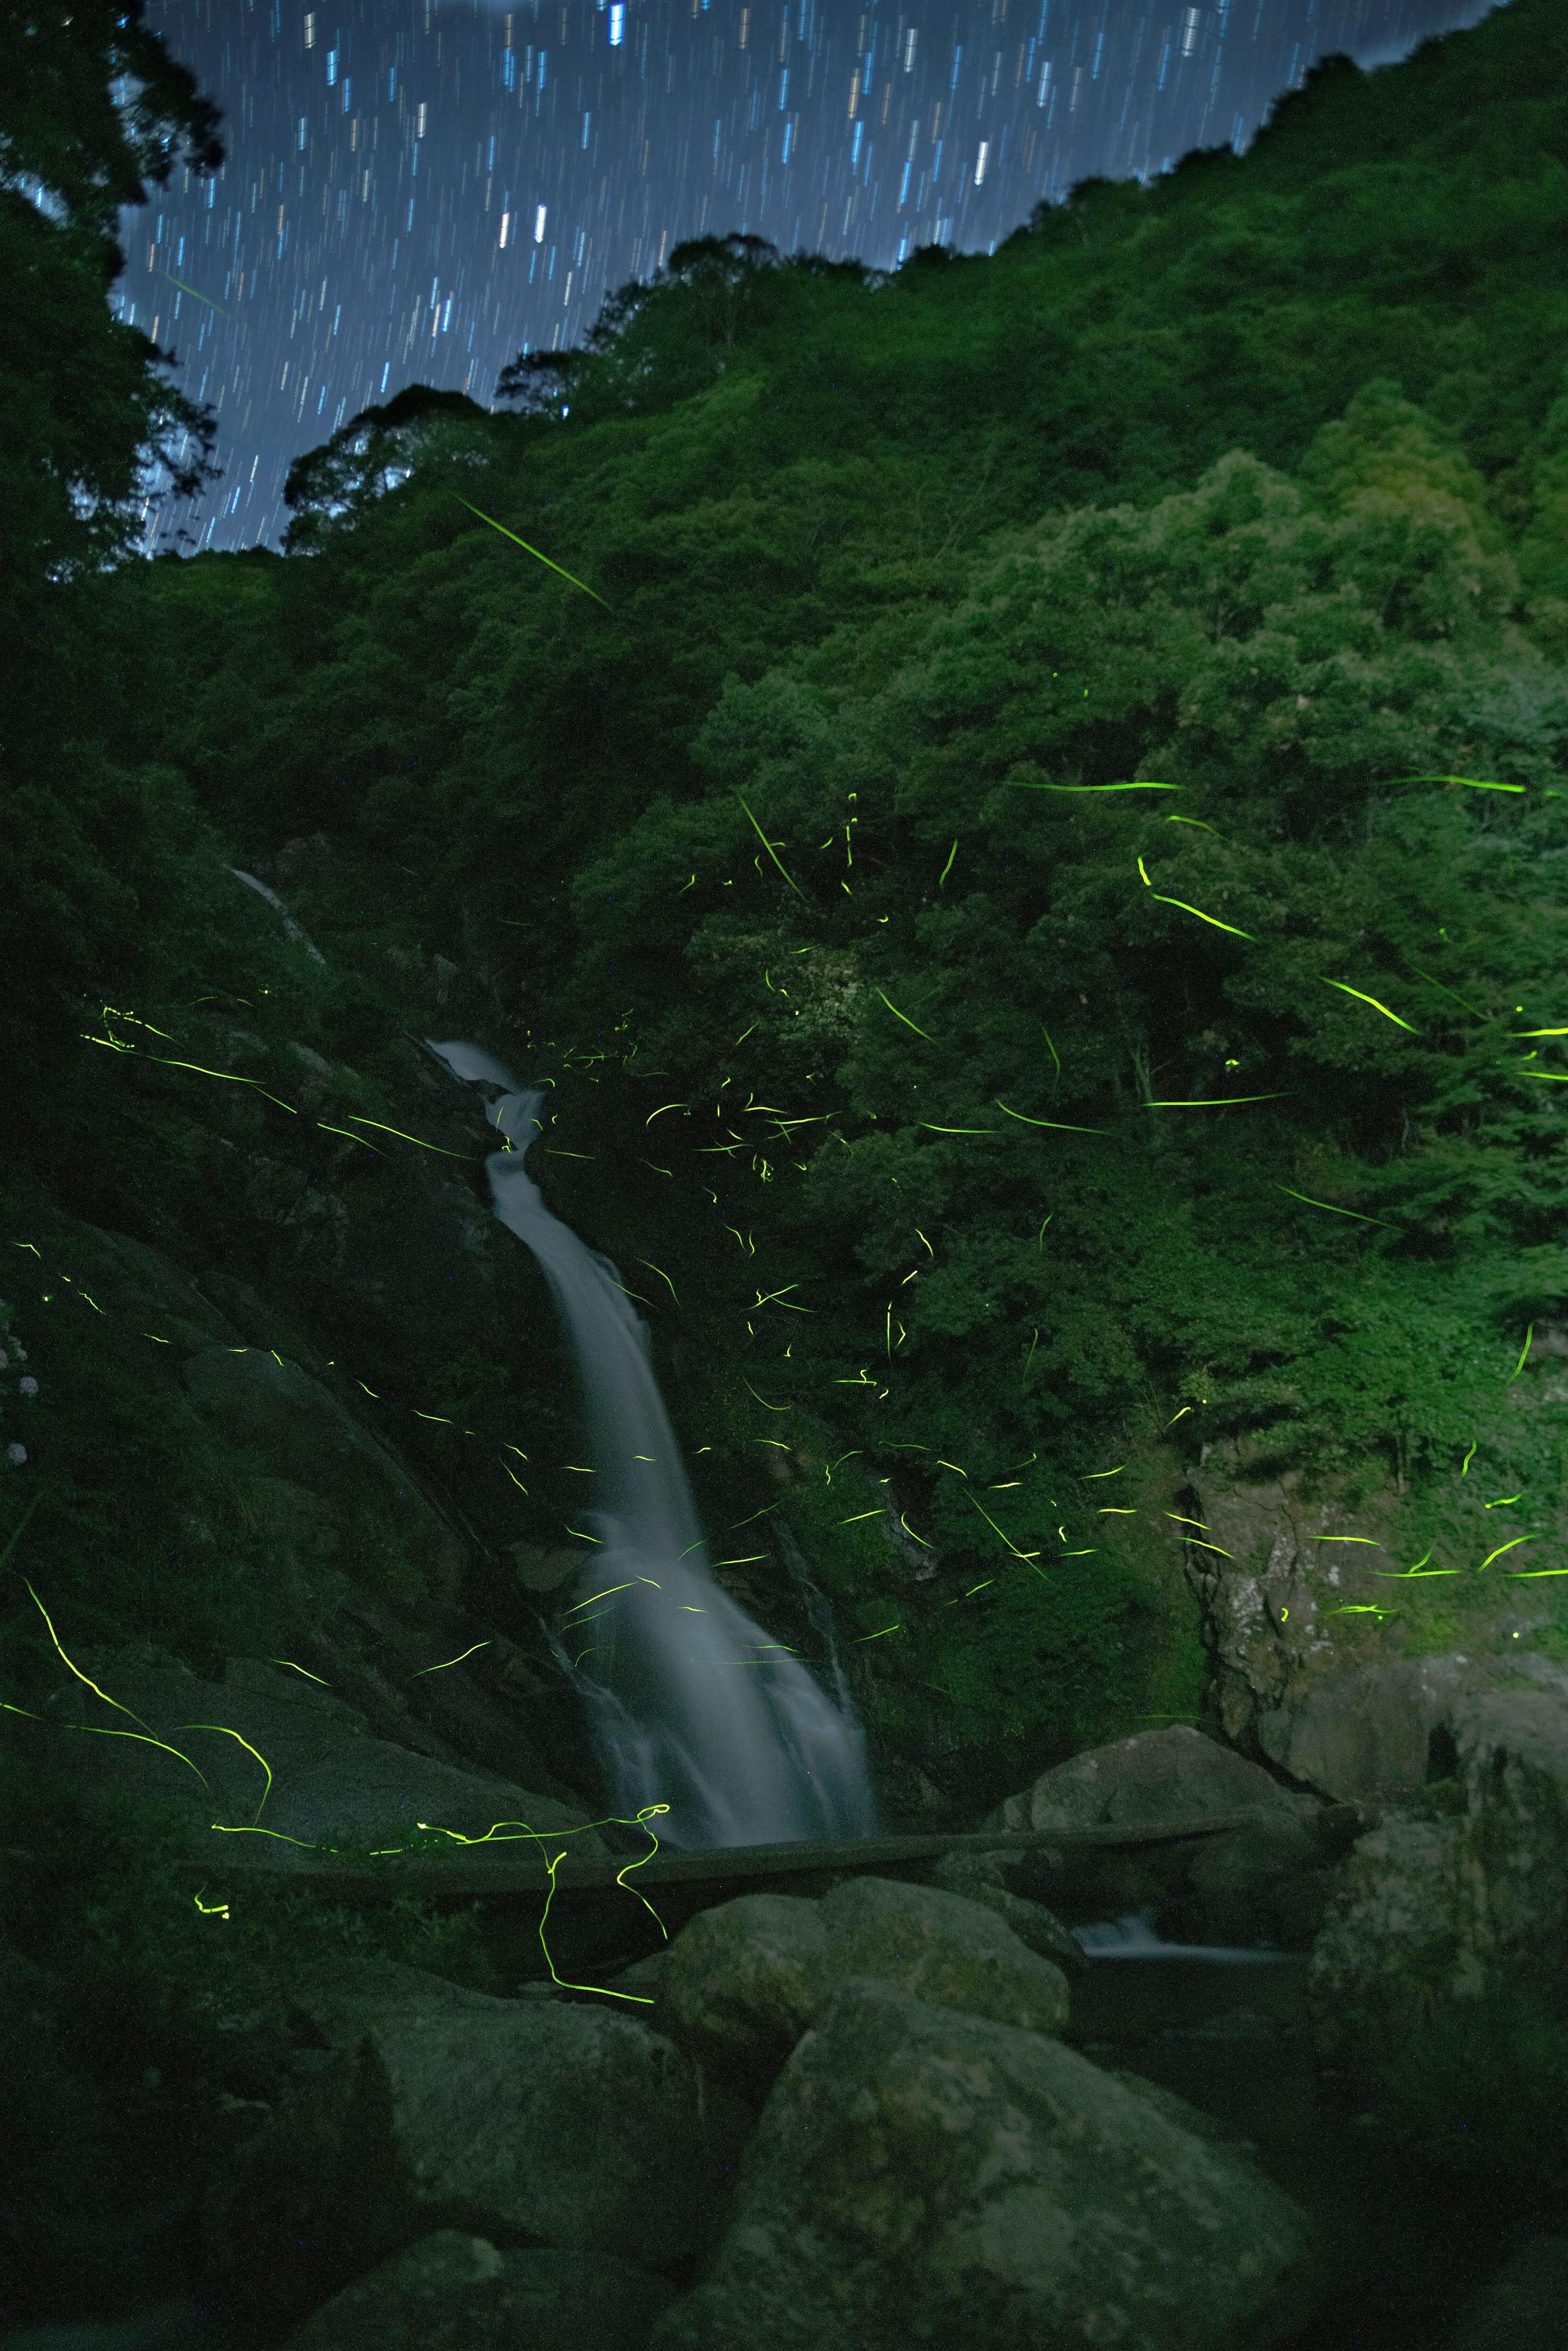 唐津市 見返りの滝 ホタル